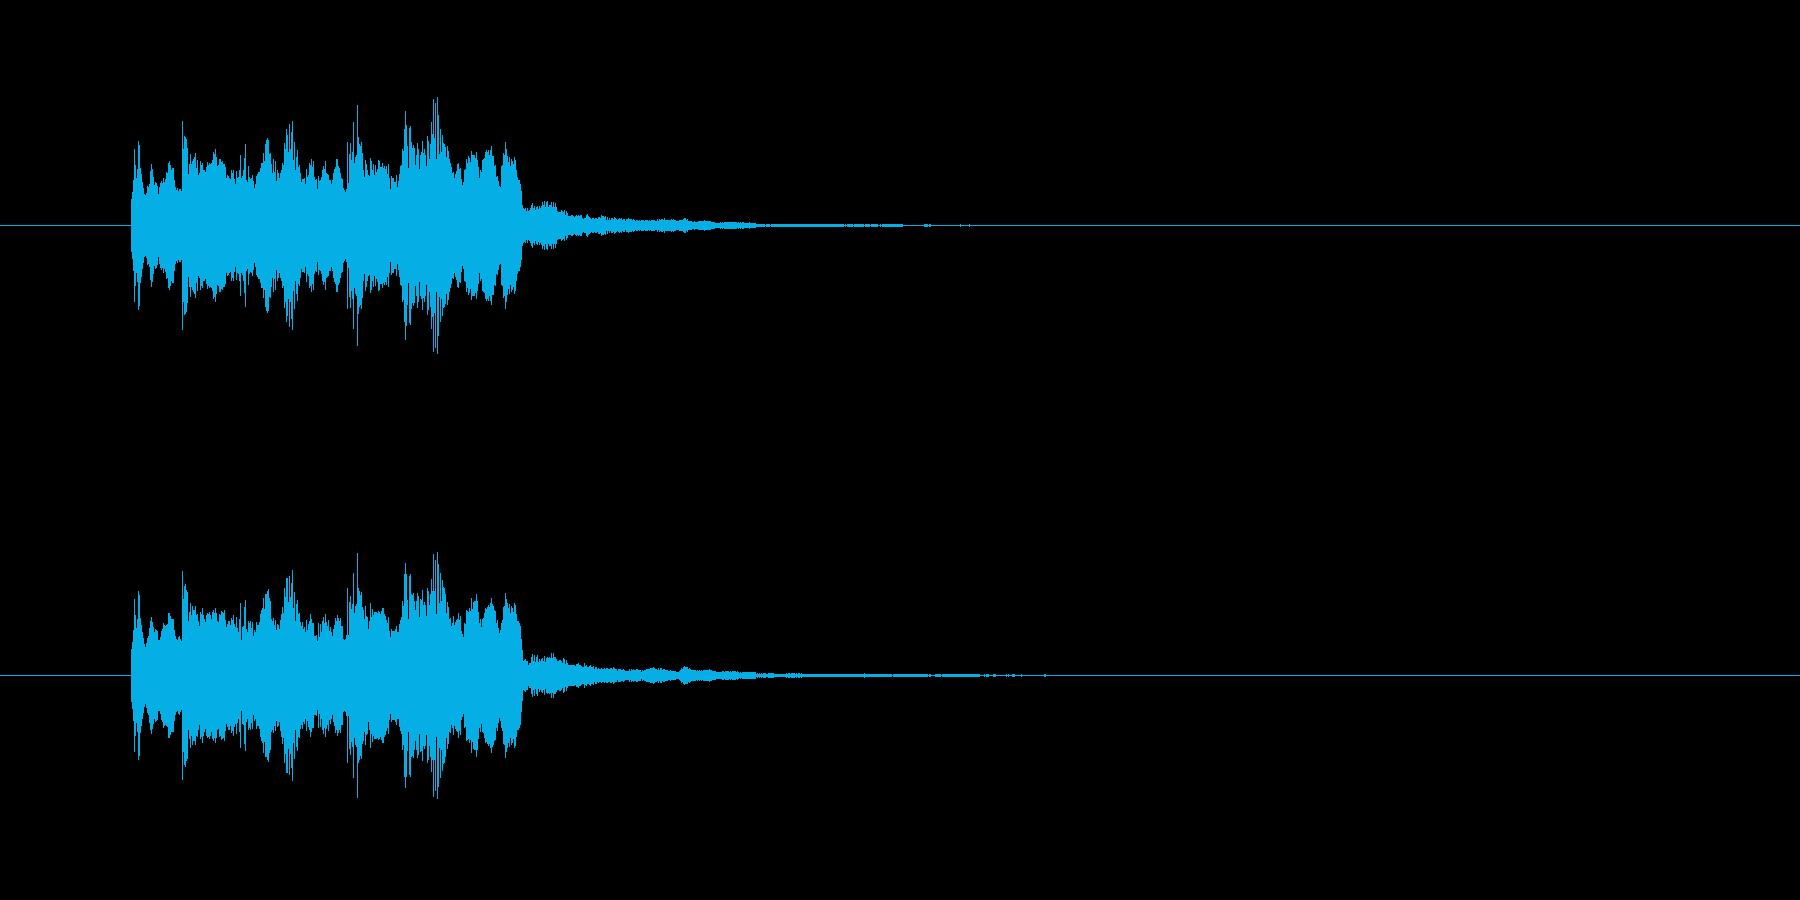 ピンポンピンポン!(正解)シンセの音の再生済みの波形